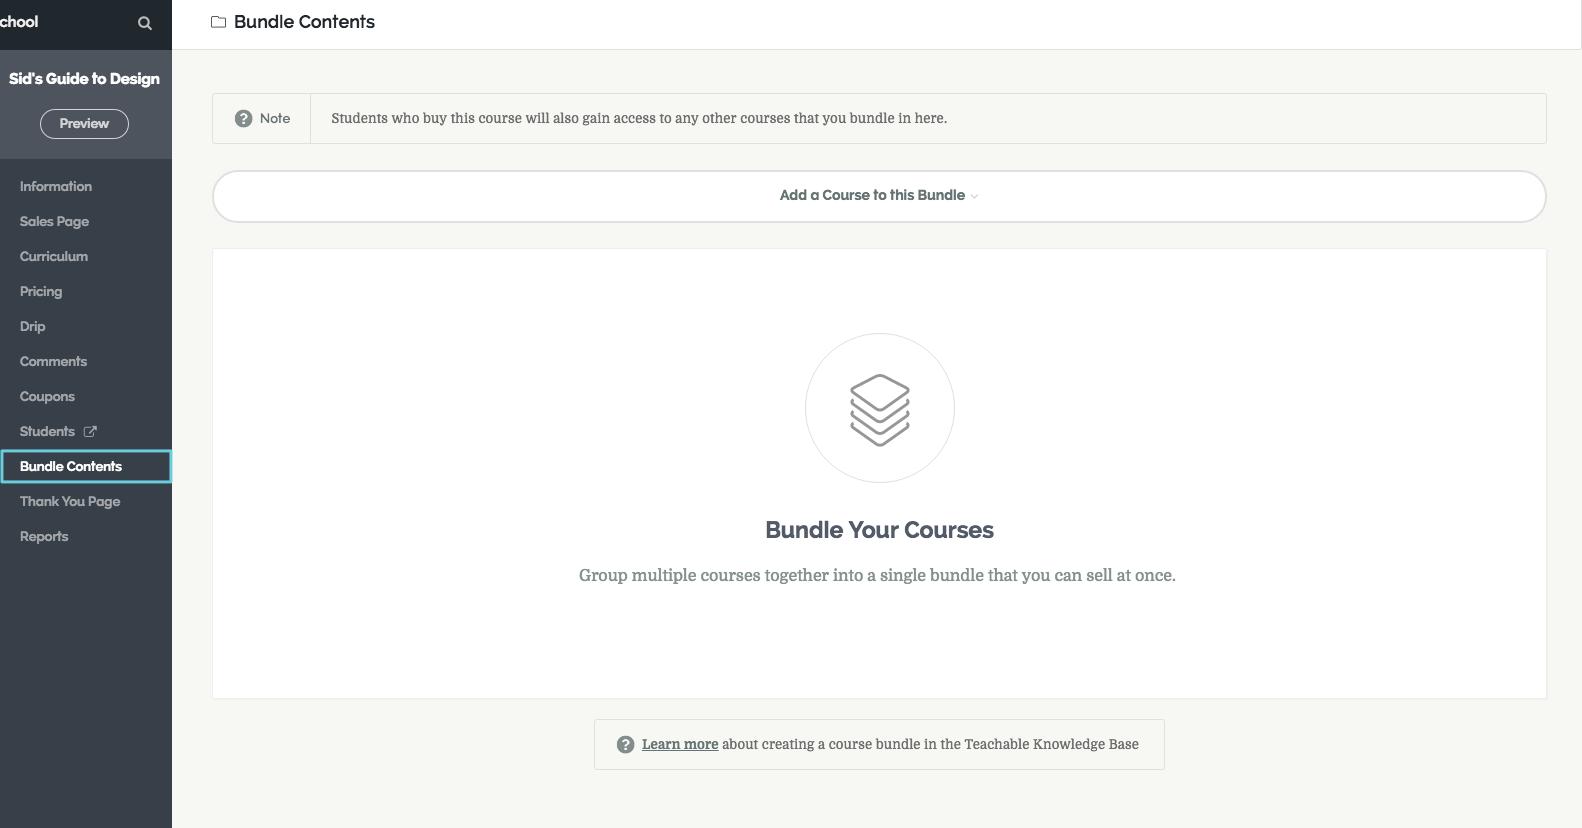 course-bundle-contents